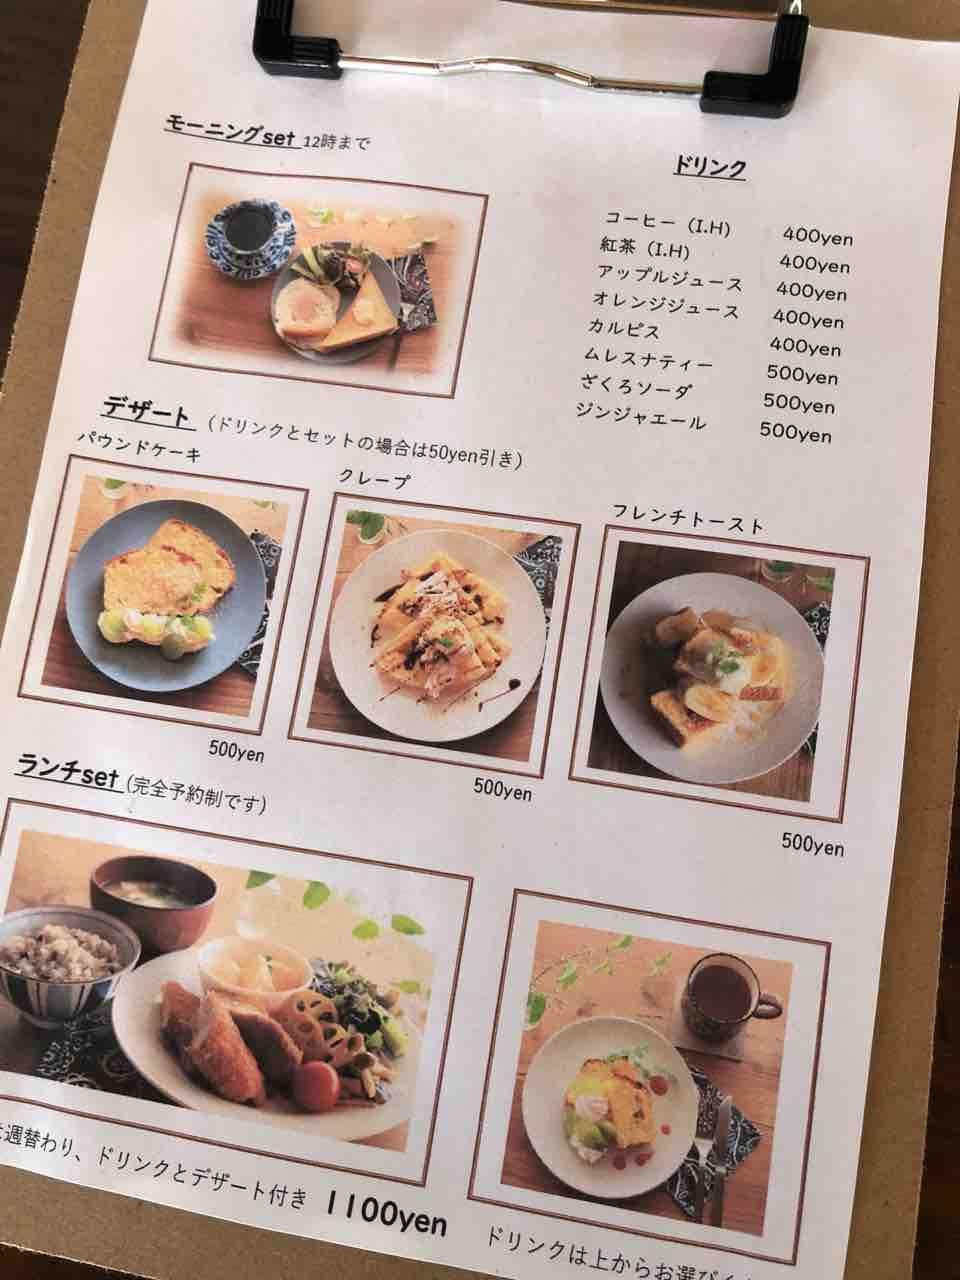 『Cafe & 手作り雑貨 小さなお店4april』モーニングset・デザート・ランチset メニュー